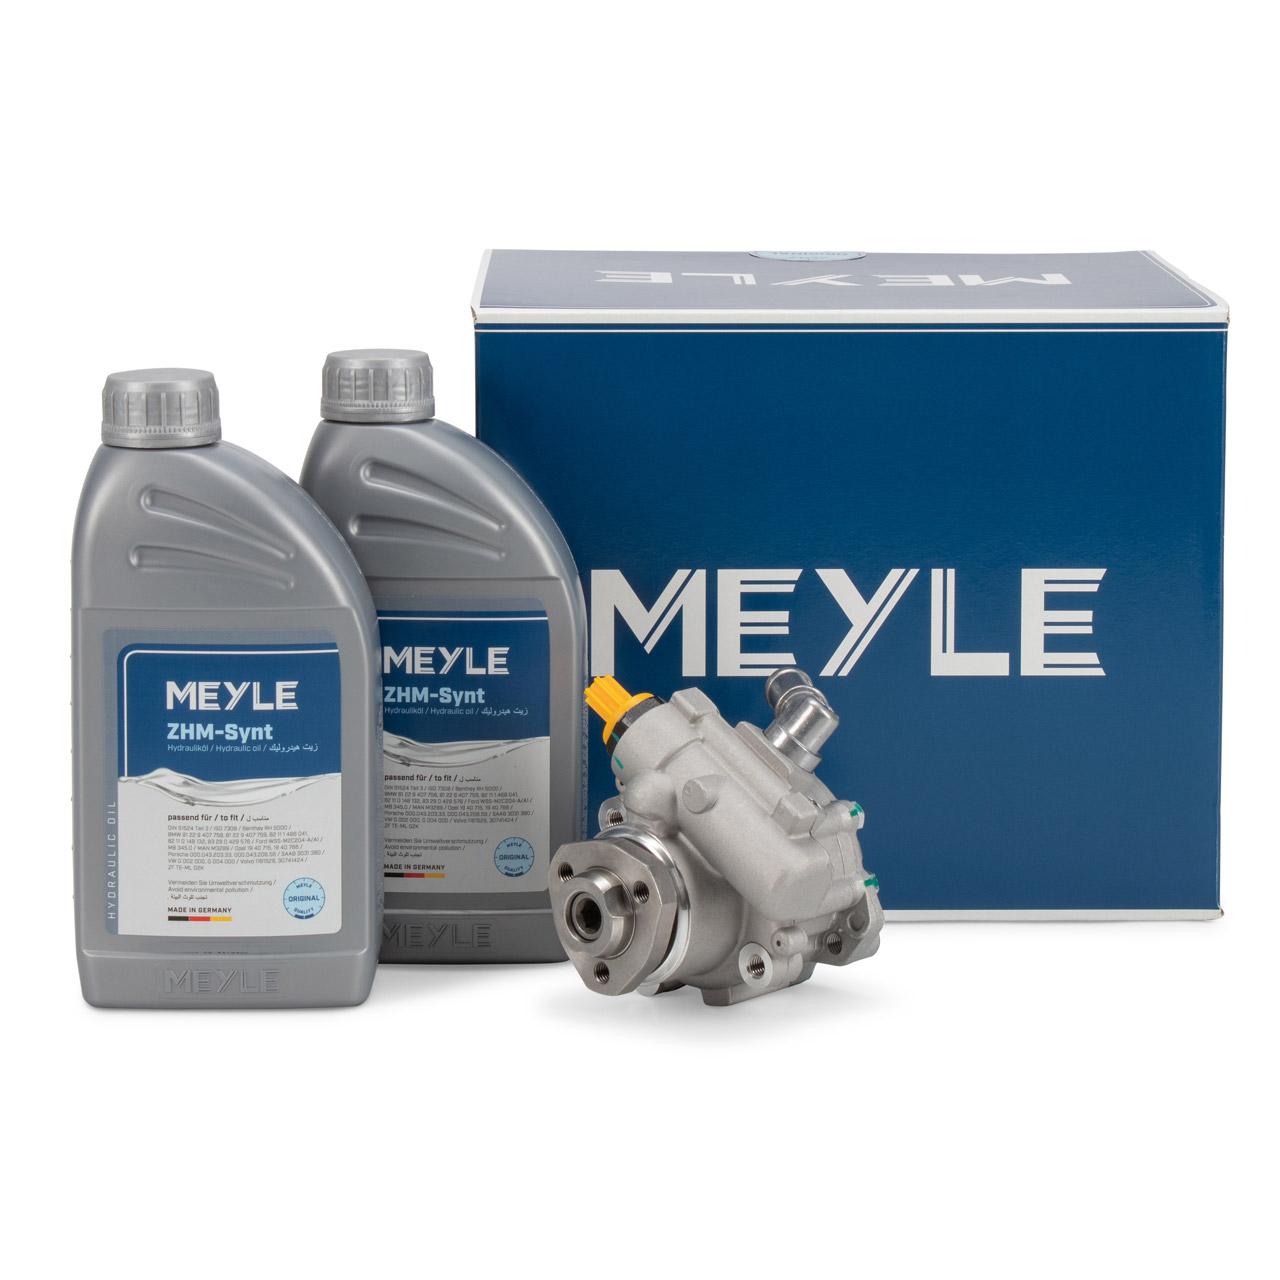 MEYLE Hydraulikpumpe + 2L Hydrauliköl VW Transporter T4 2.5 TDI / D 2.5 ab FIN 70T000001